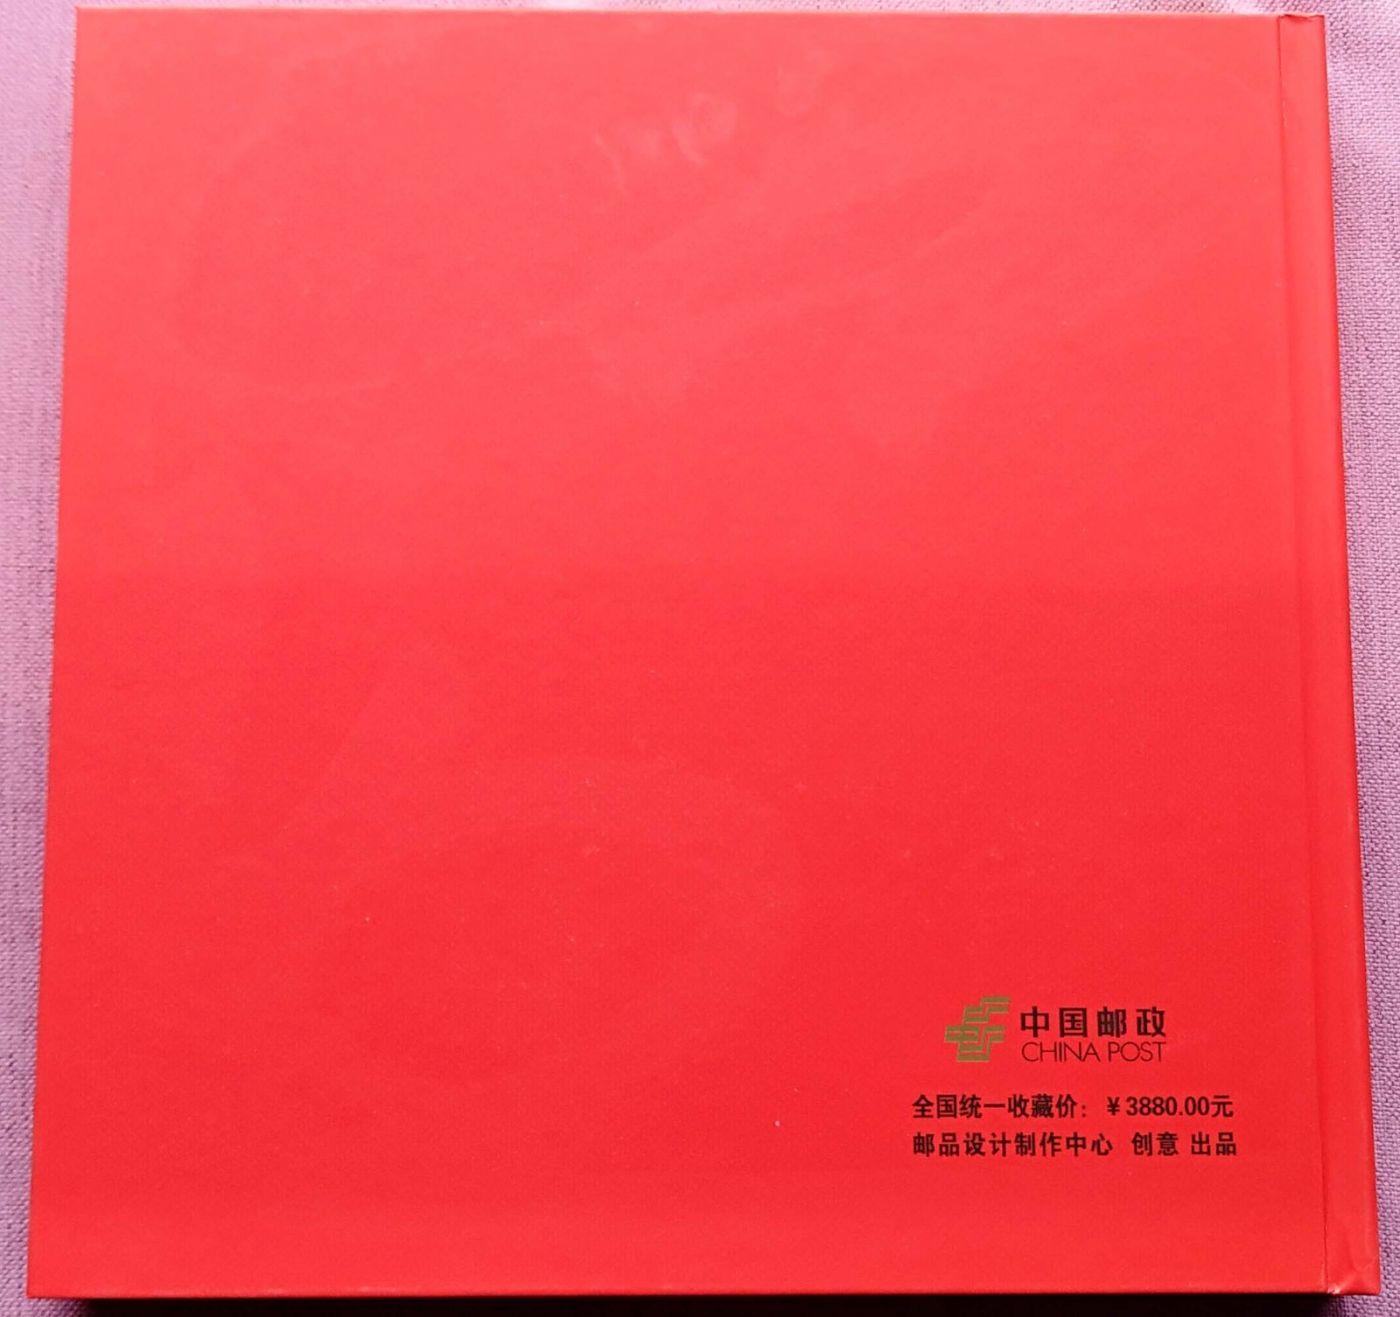 """""""顾绍骅的诗情画意""""入选《共和国记忆 ·中国书画艺术名家》限量版集邮珍藏册 ..._图1-28"""